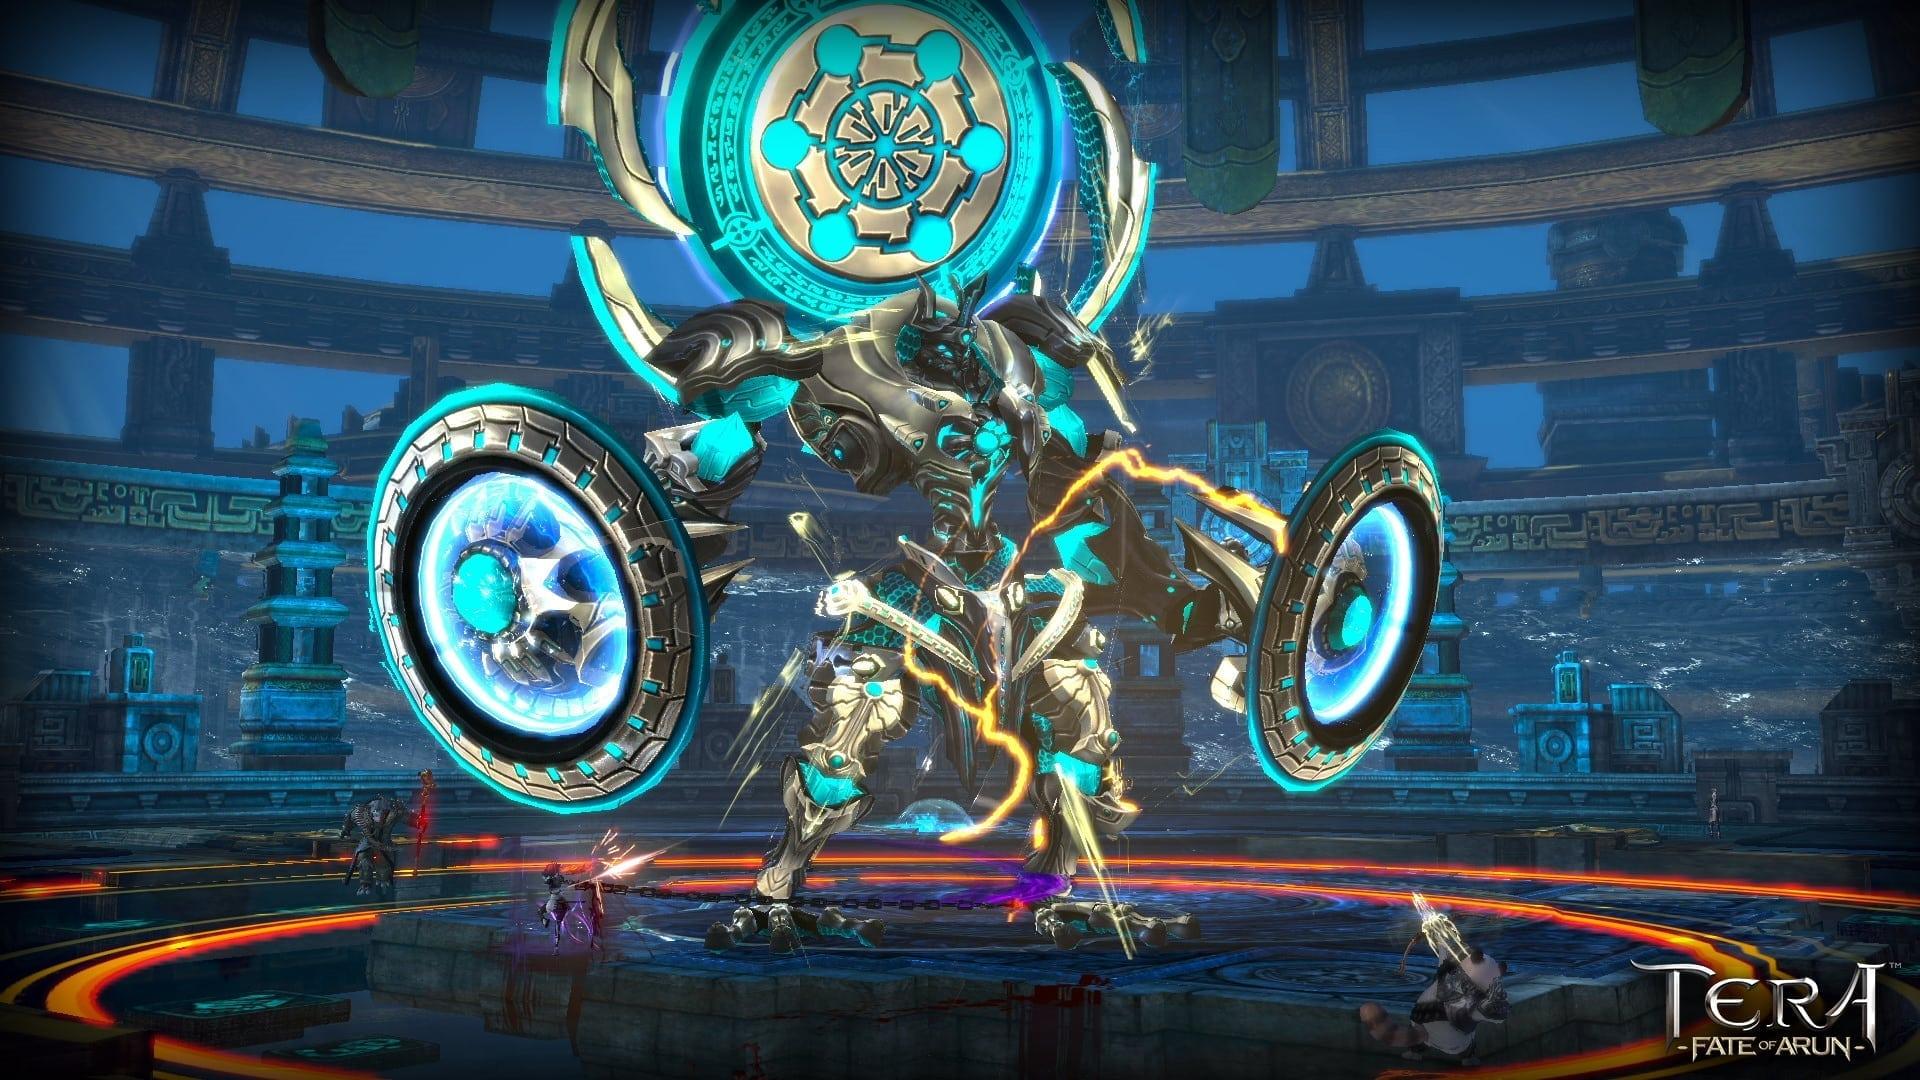 TERA - Fate of Arun screenshot 1